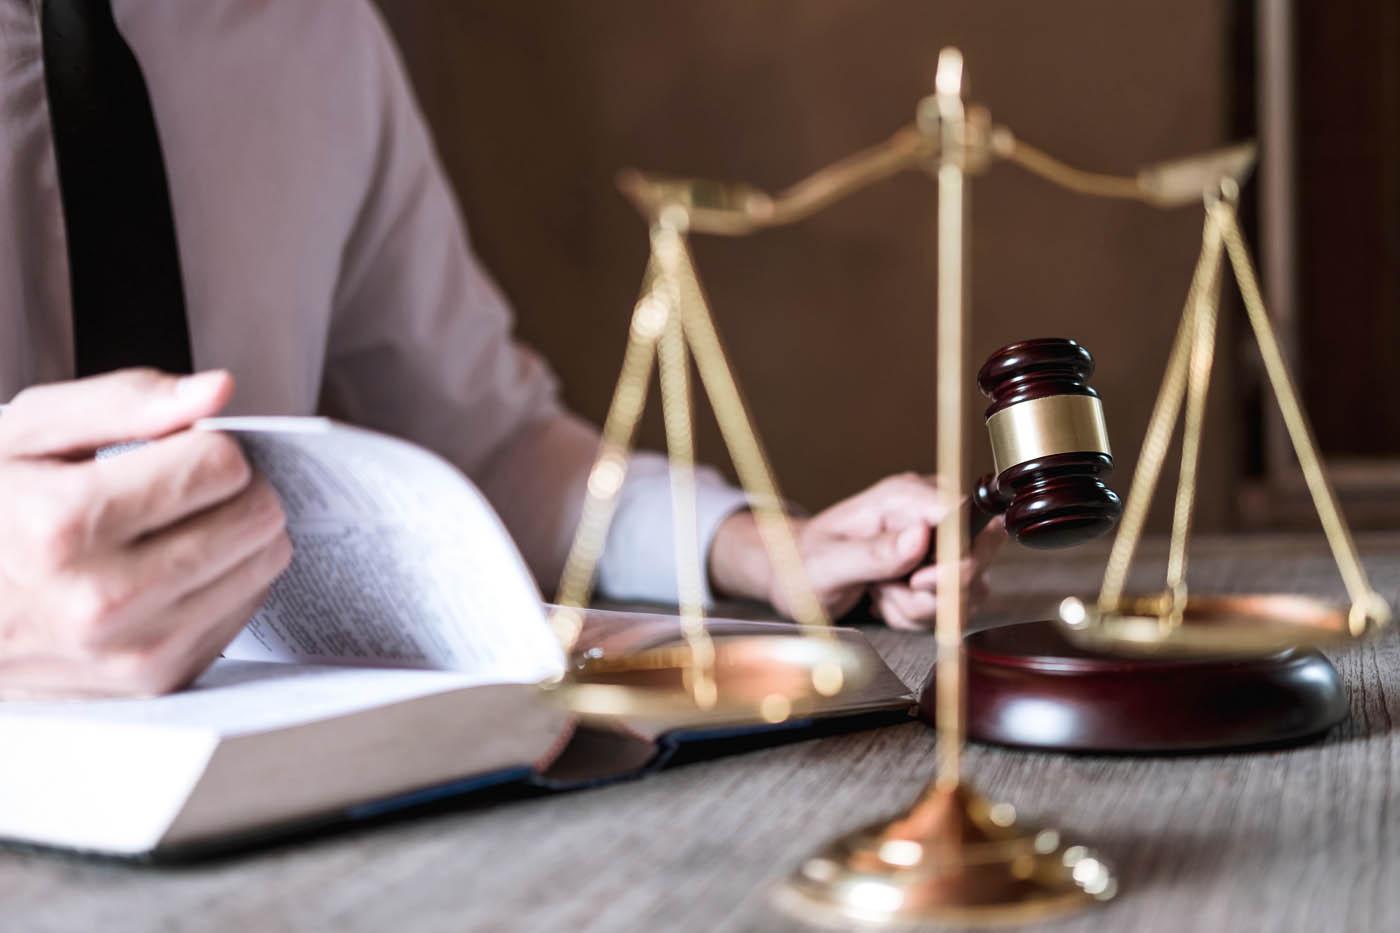 Law pendulum in office